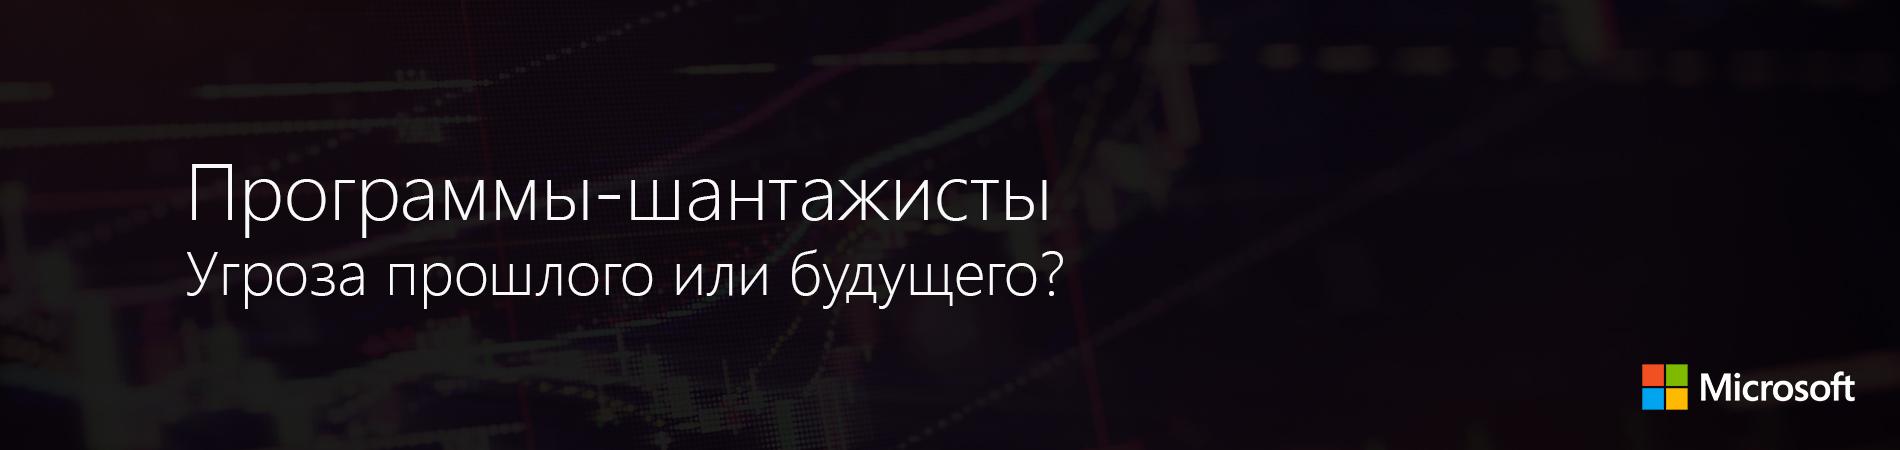 59ca559358d53066382636.jpeg